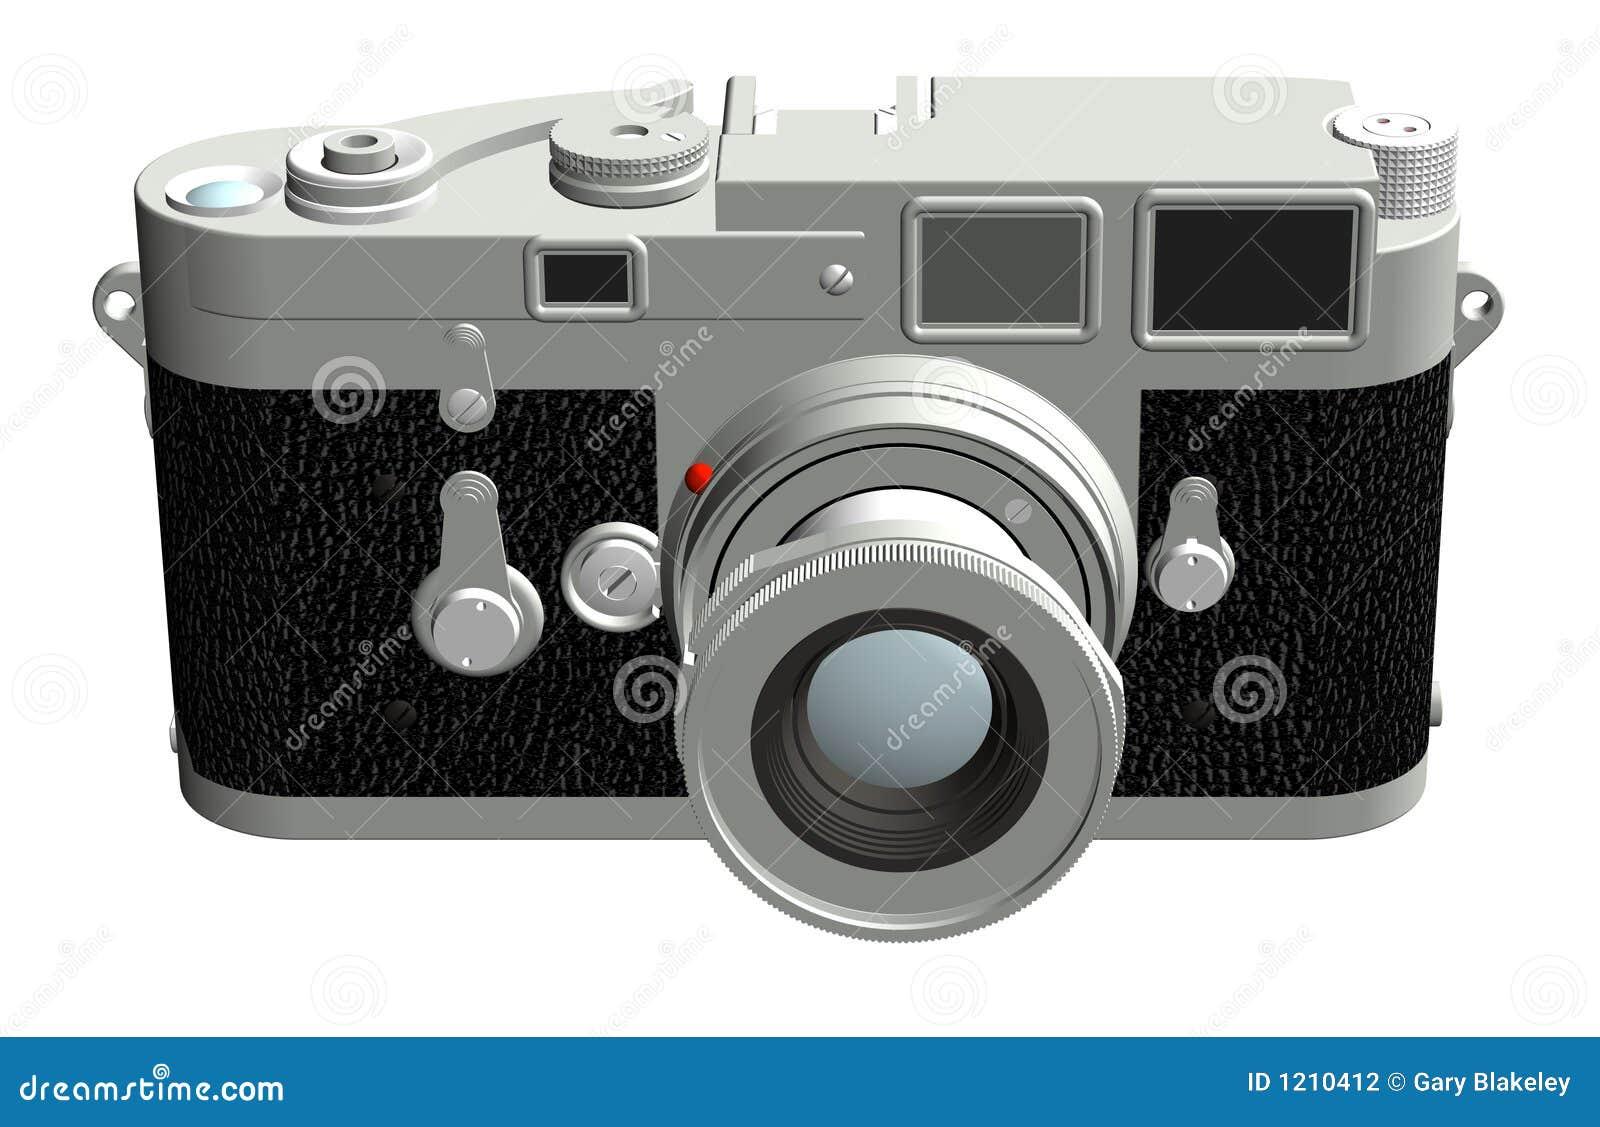 Entfernungsmesser kamera vorder stock abbildung illustration